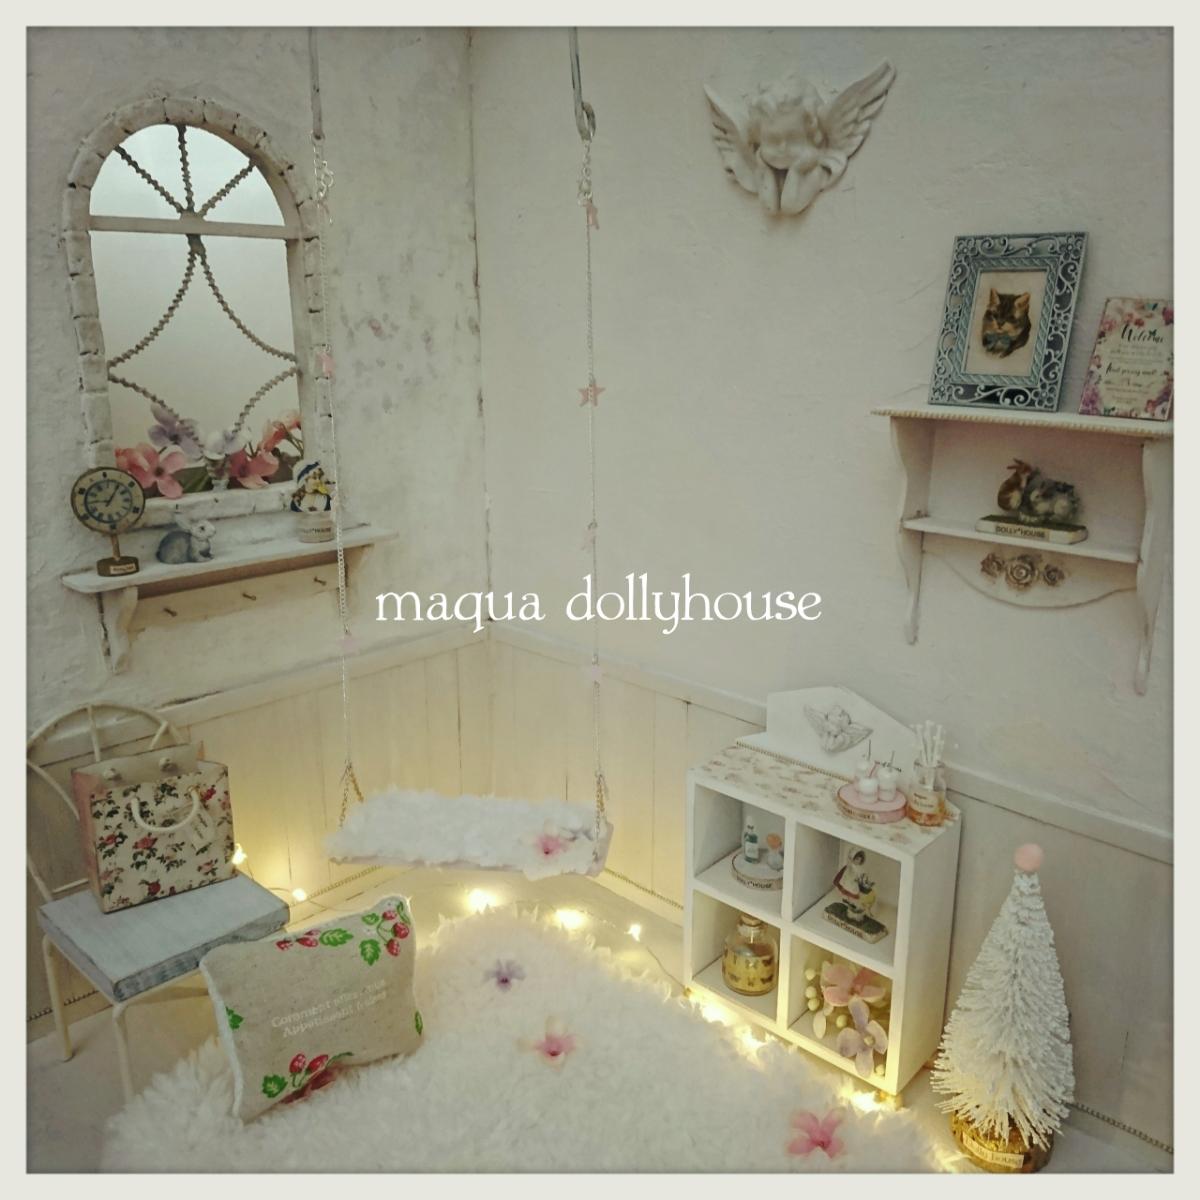 dolly*house【1/6*お部屋セット】アンティーク風 ドールハウス ブライス momoko ミニチュア 撮影背景 家具 ブランコ 天使 キャビネット